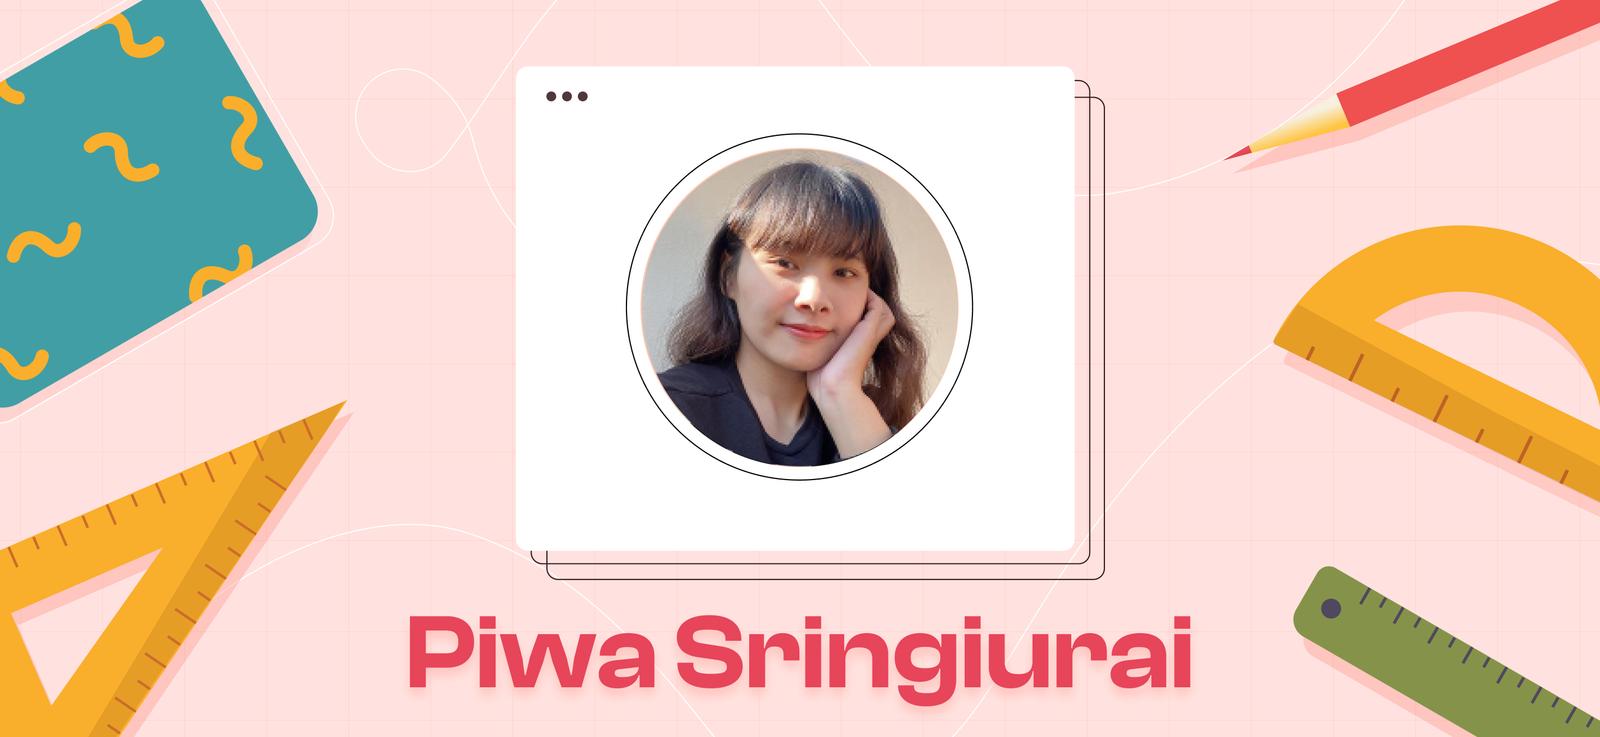 Designer Interview   Piwa Sringiurai